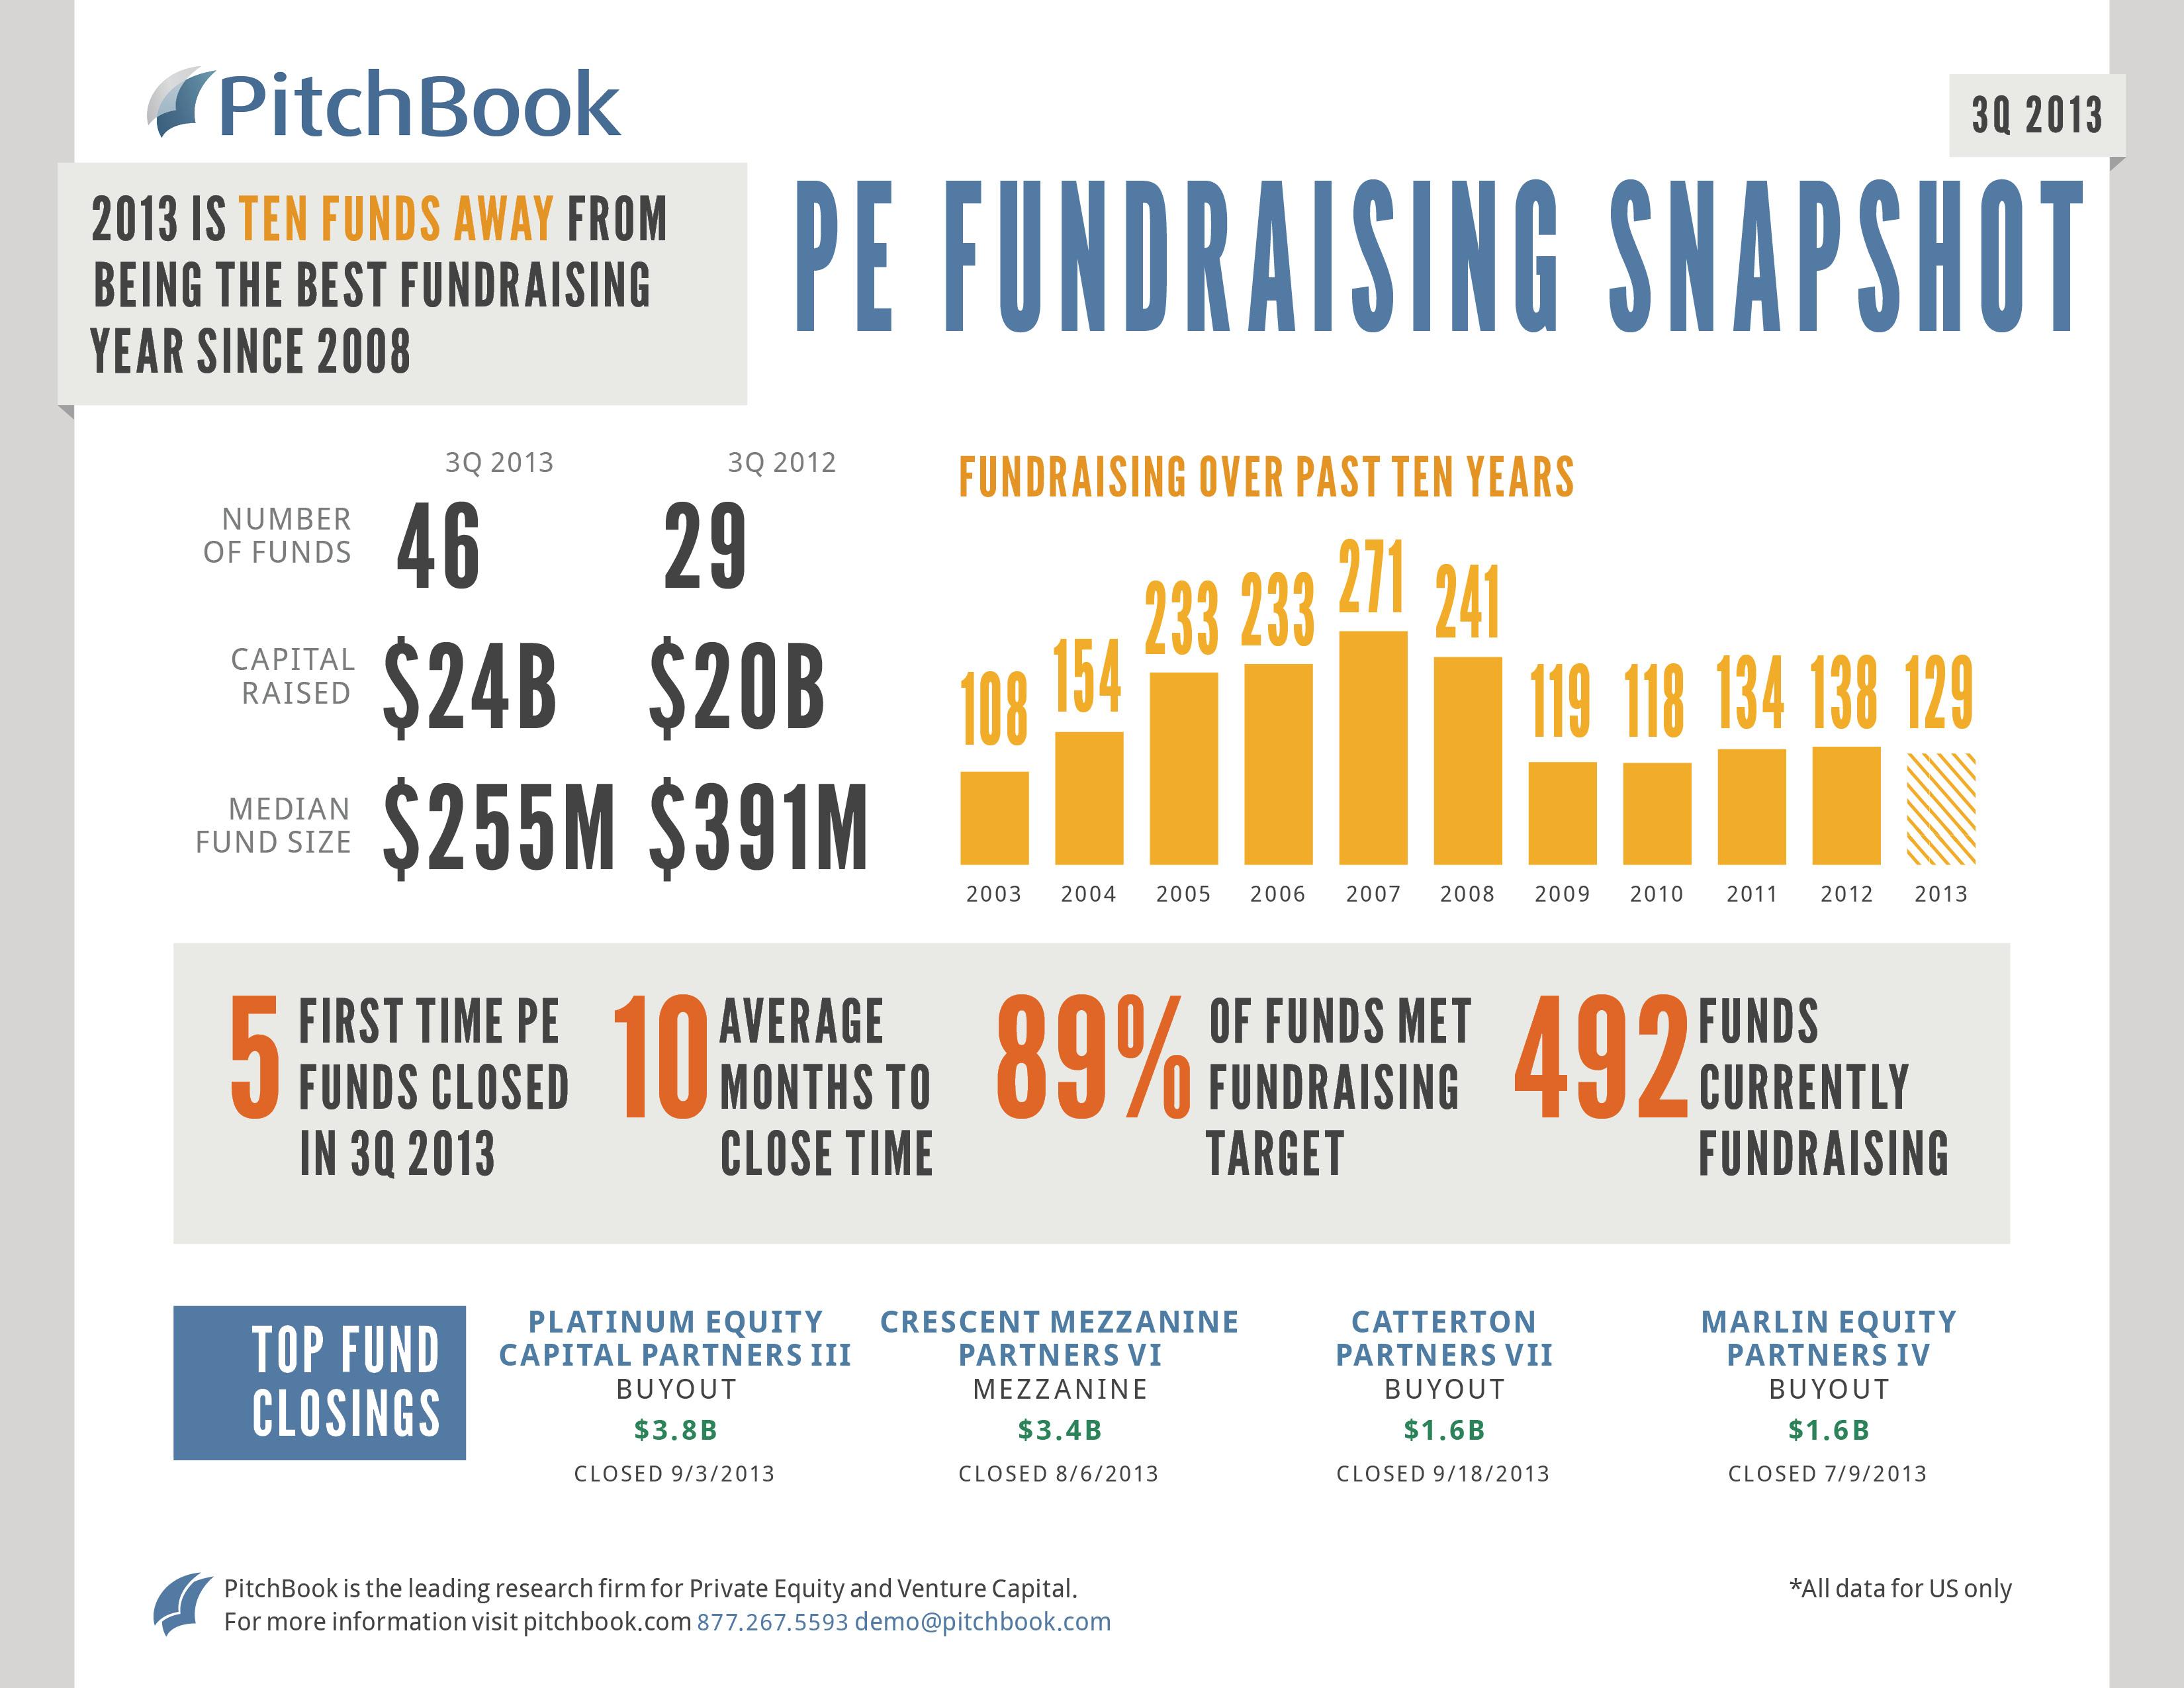 Q3 2013 PE Fundraising Snapshot